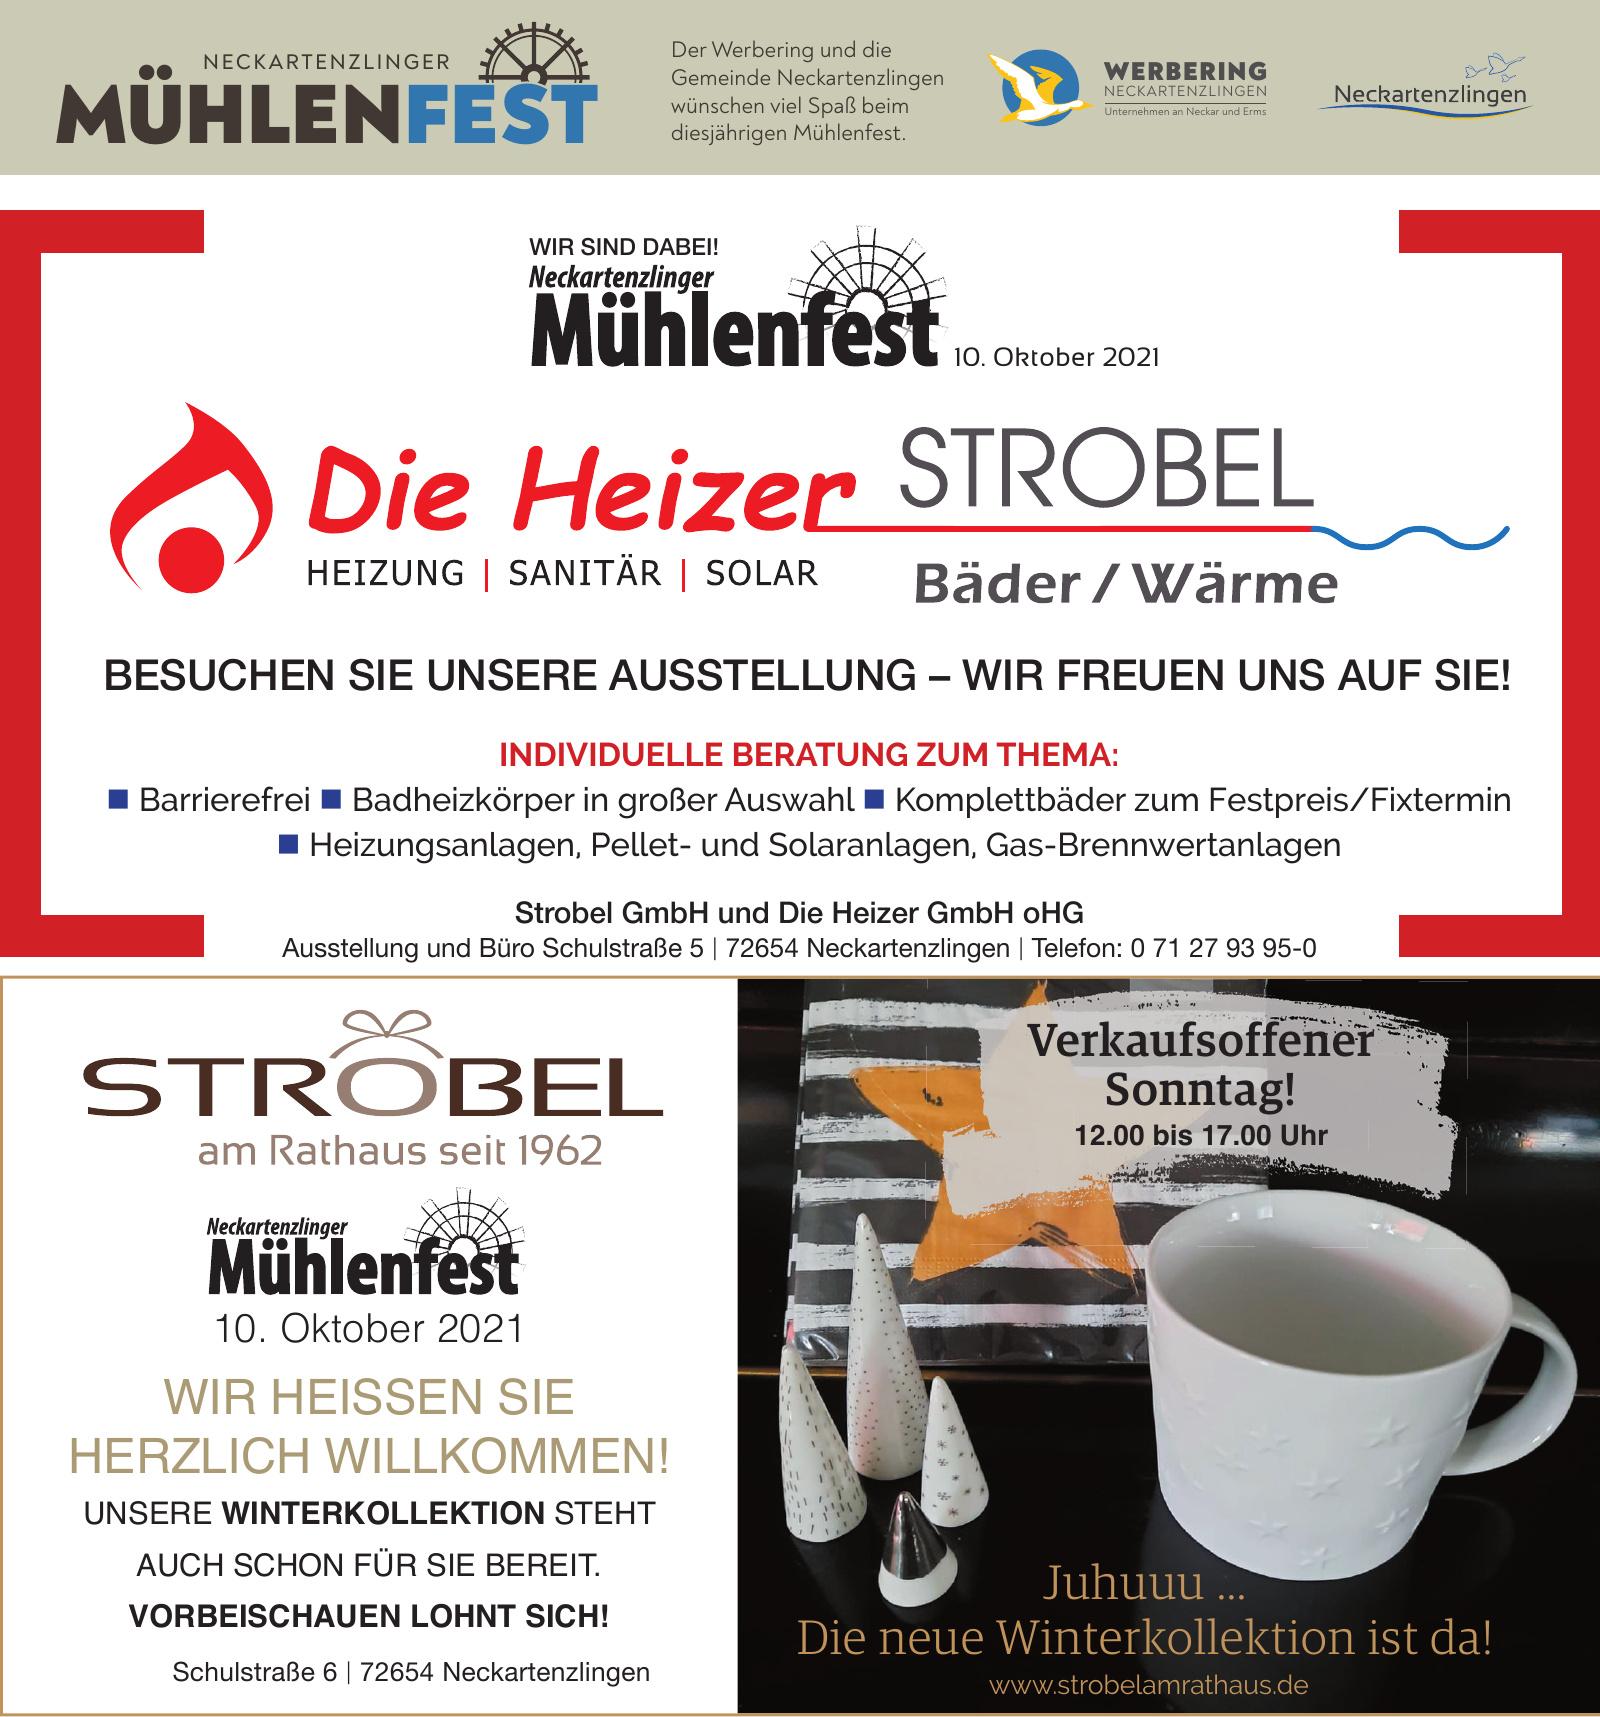 Strobel GmbH und Die Heizer GmbH oHG